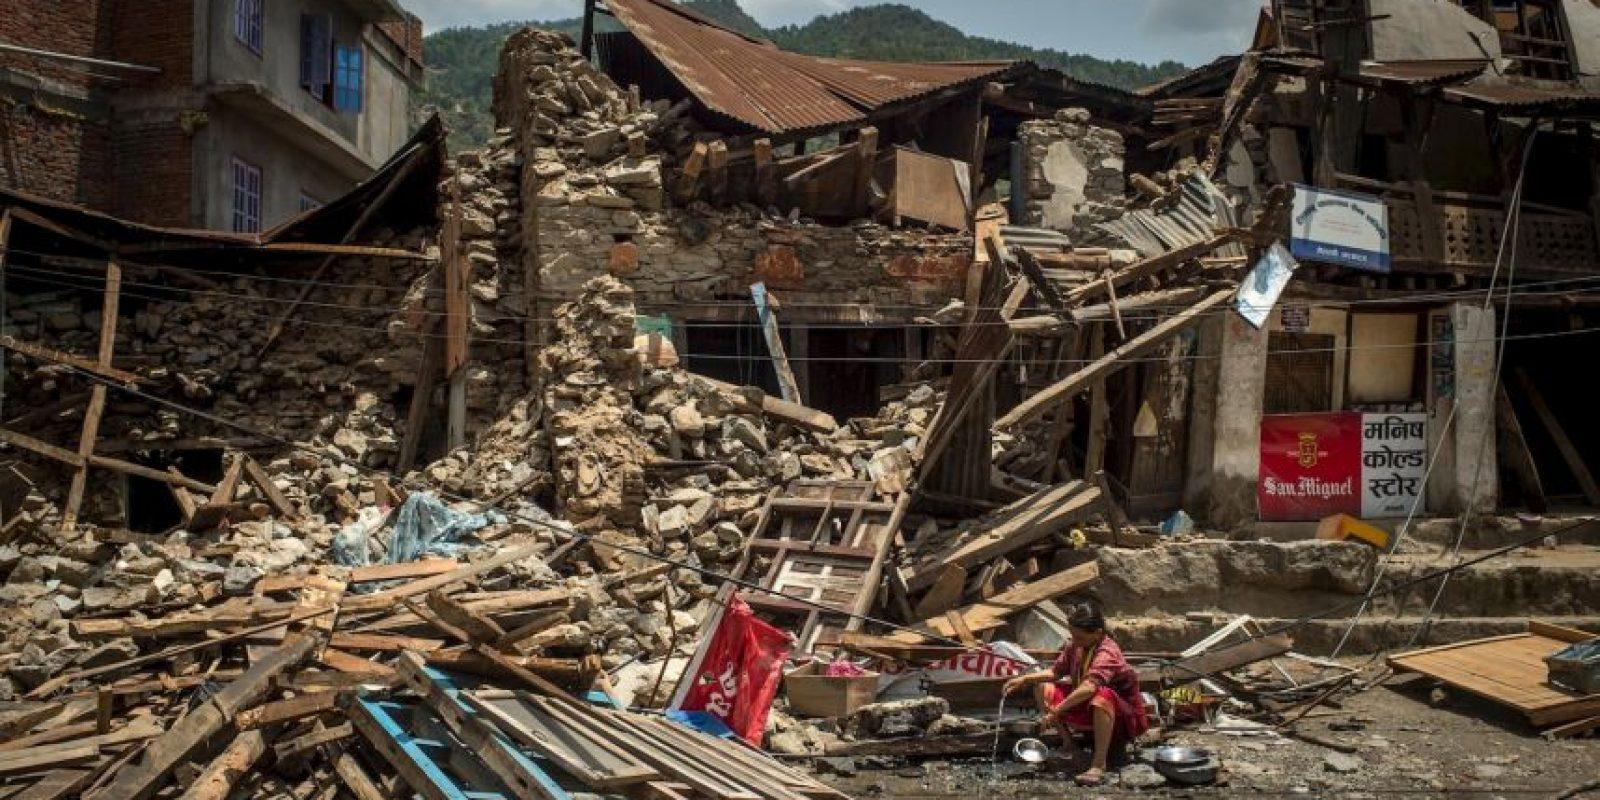 Tuvo una magnitud de 7.8 grados en escala de Richter. Foto:Getty Images